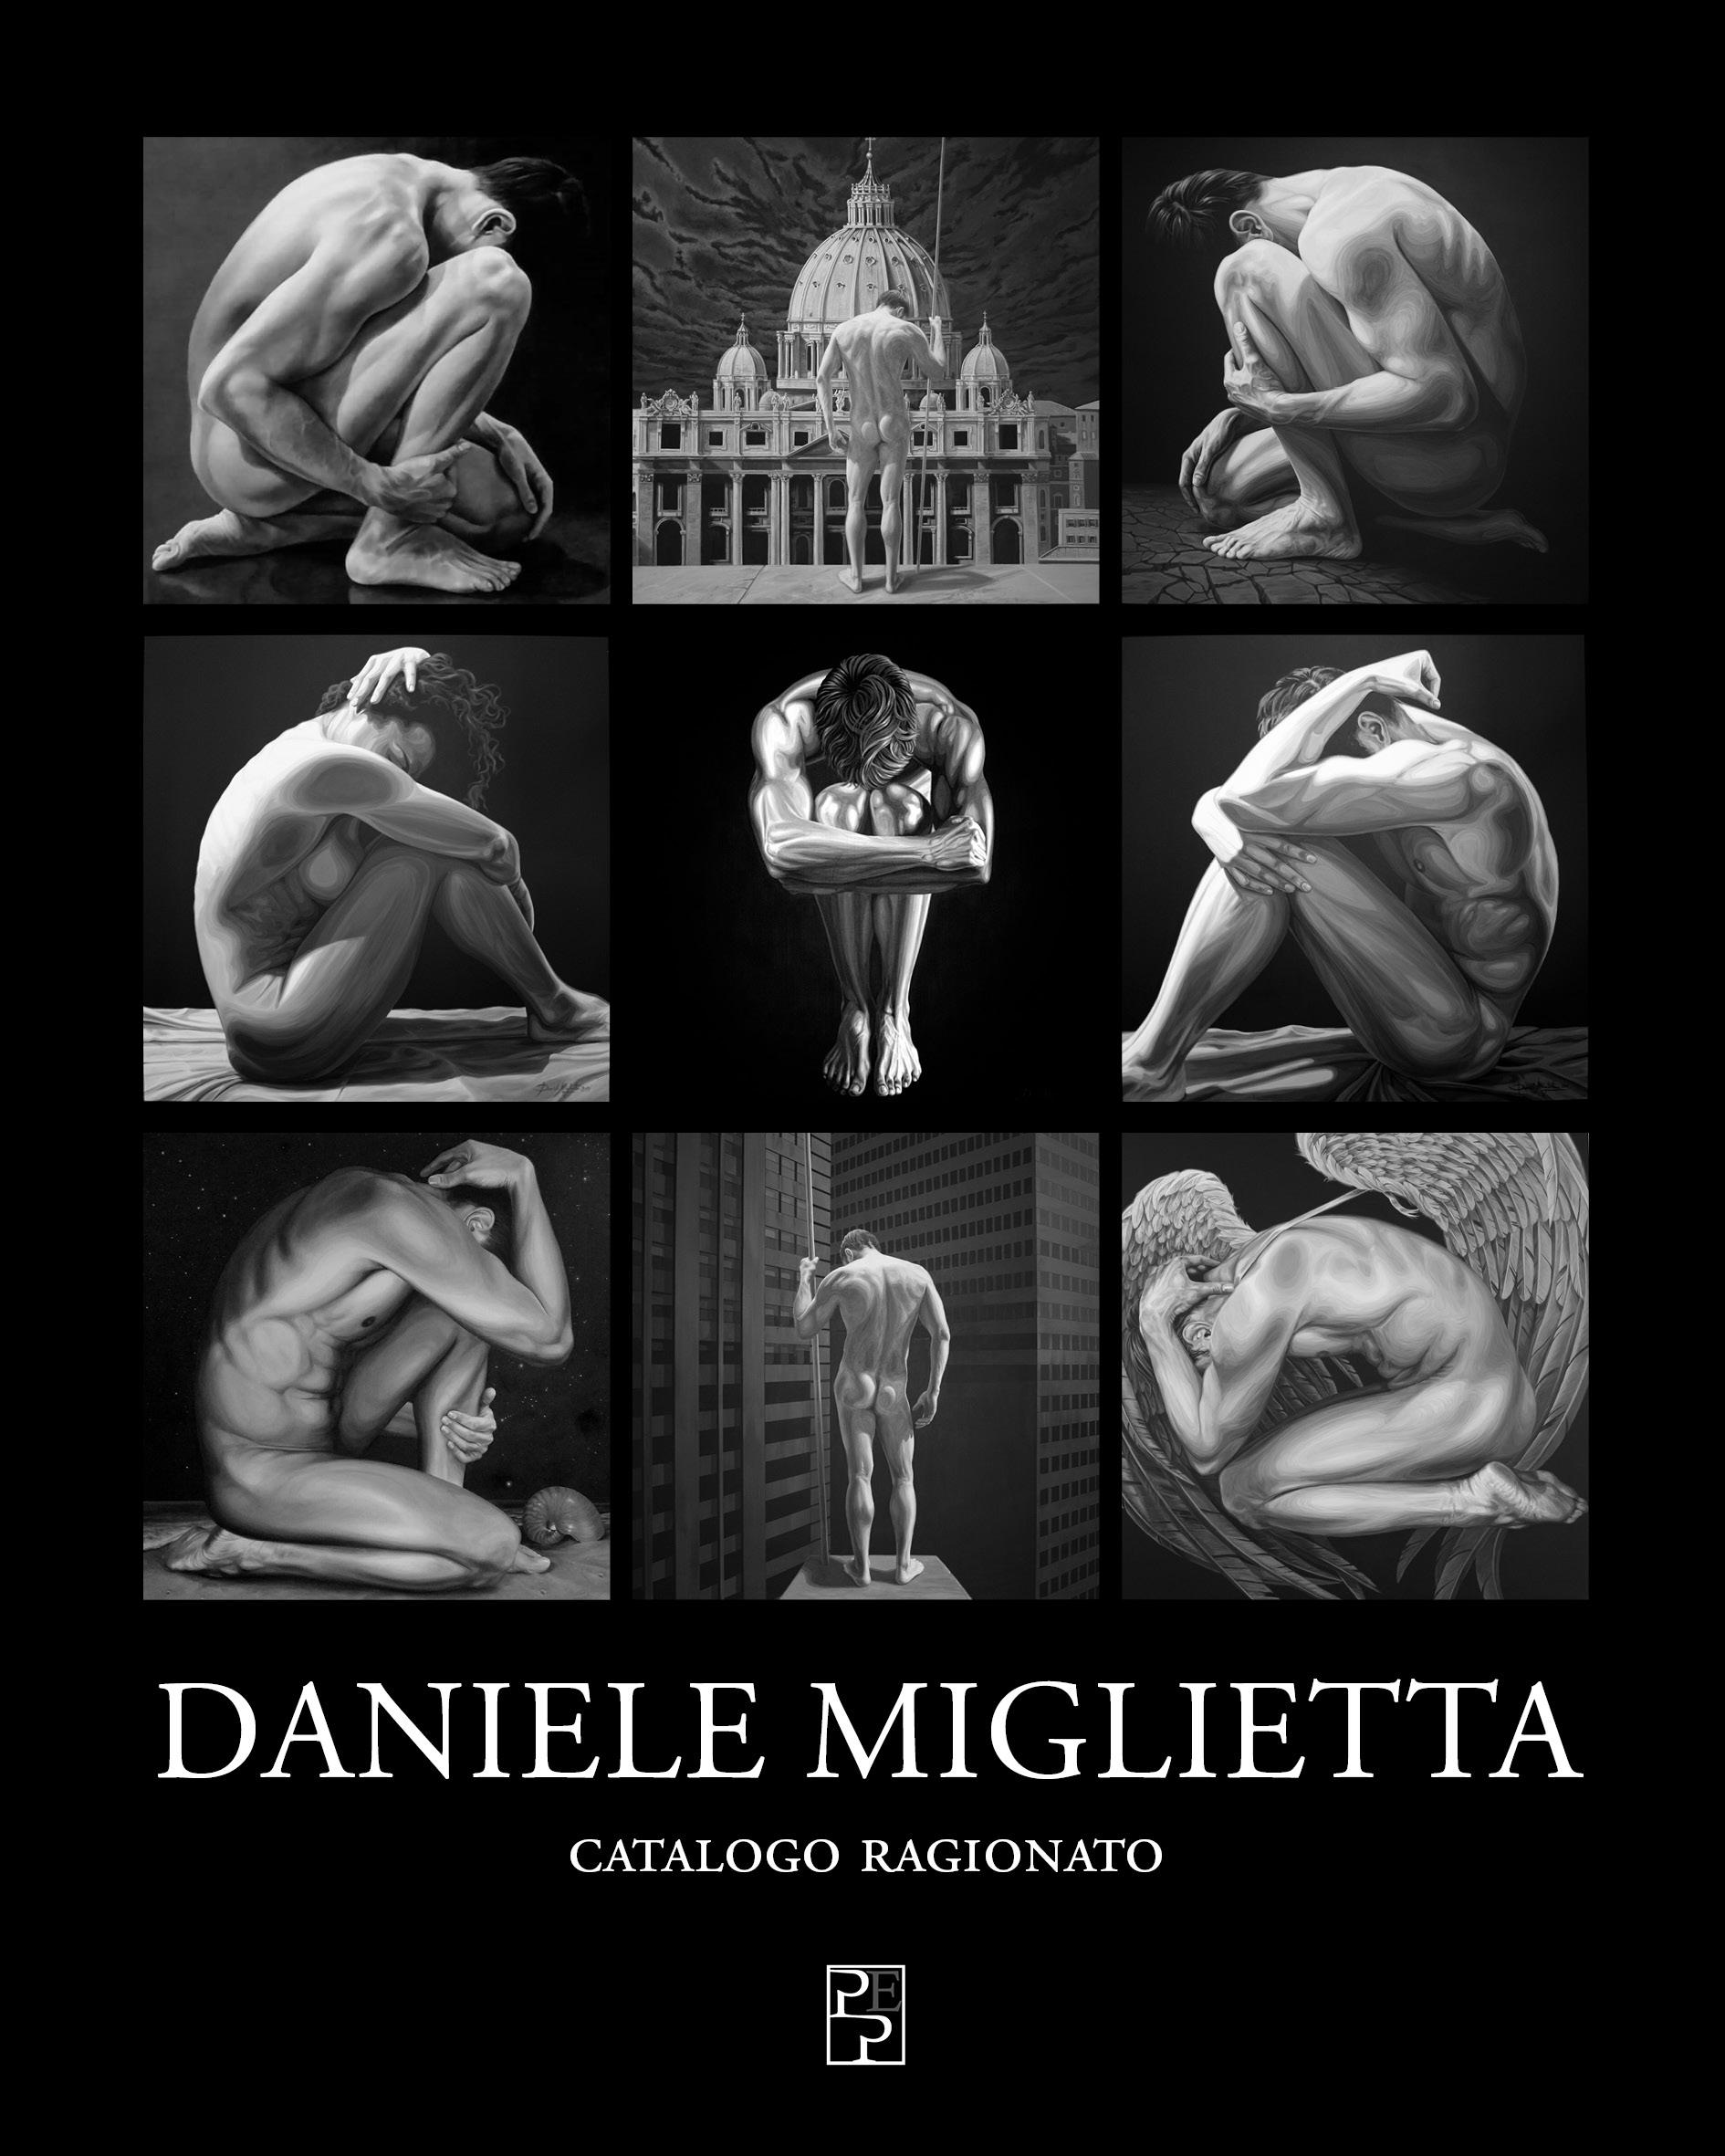 Daniele Miglietta – Catalogo ragionato